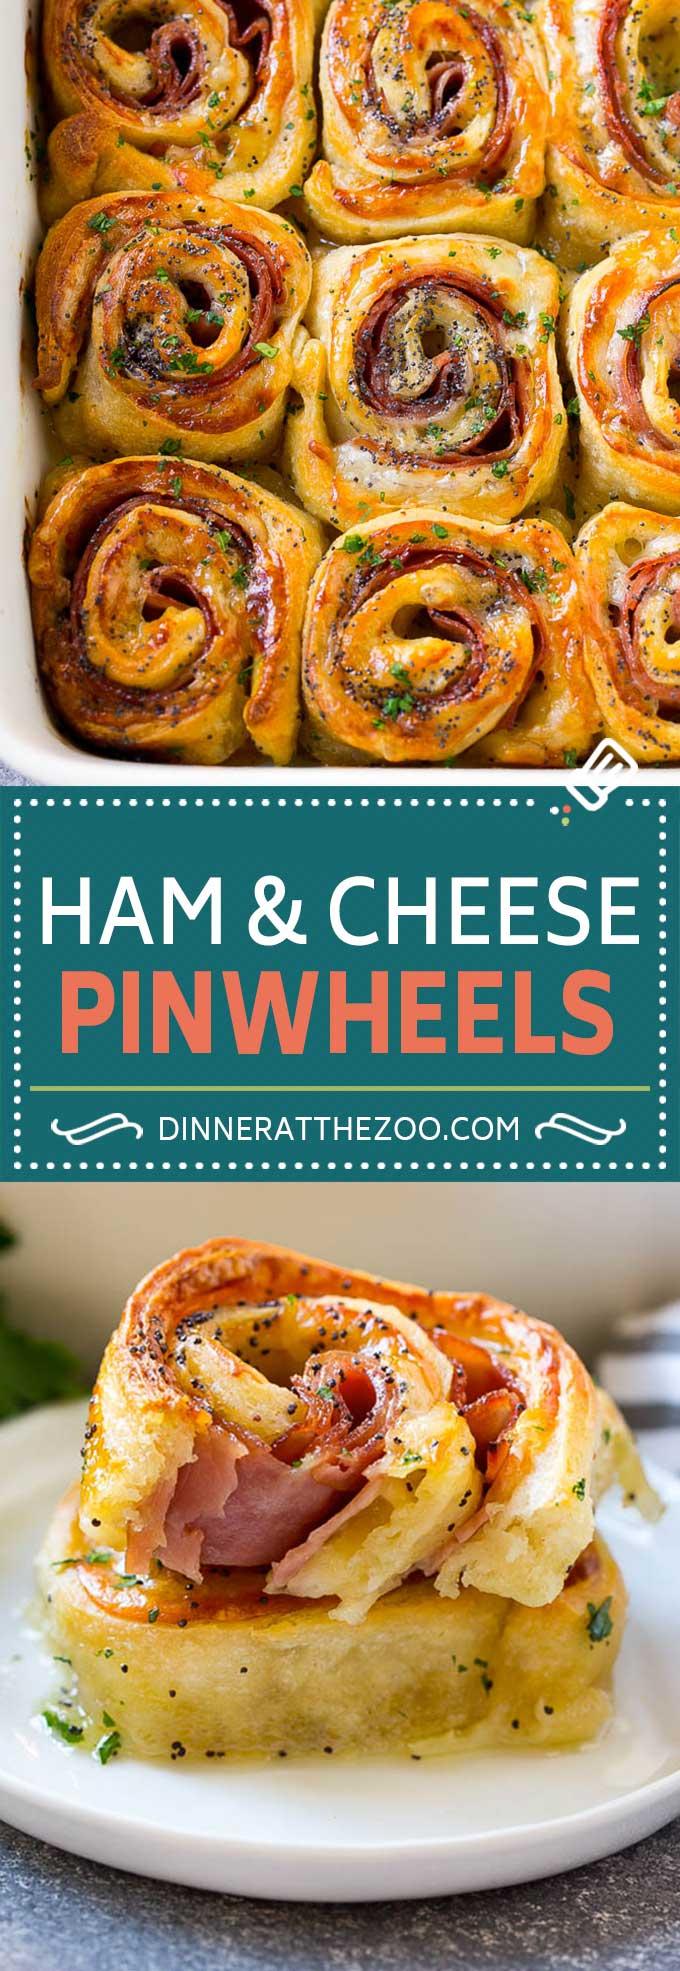 Ham and Cheese Pinwheels Recipe | Ham and Cheese Roll Ups | Ham and Cheese Rolls | Ham and Cheese Bread Rolls #ham #cheese #appetizer #pinwheels #dinneratthezoo